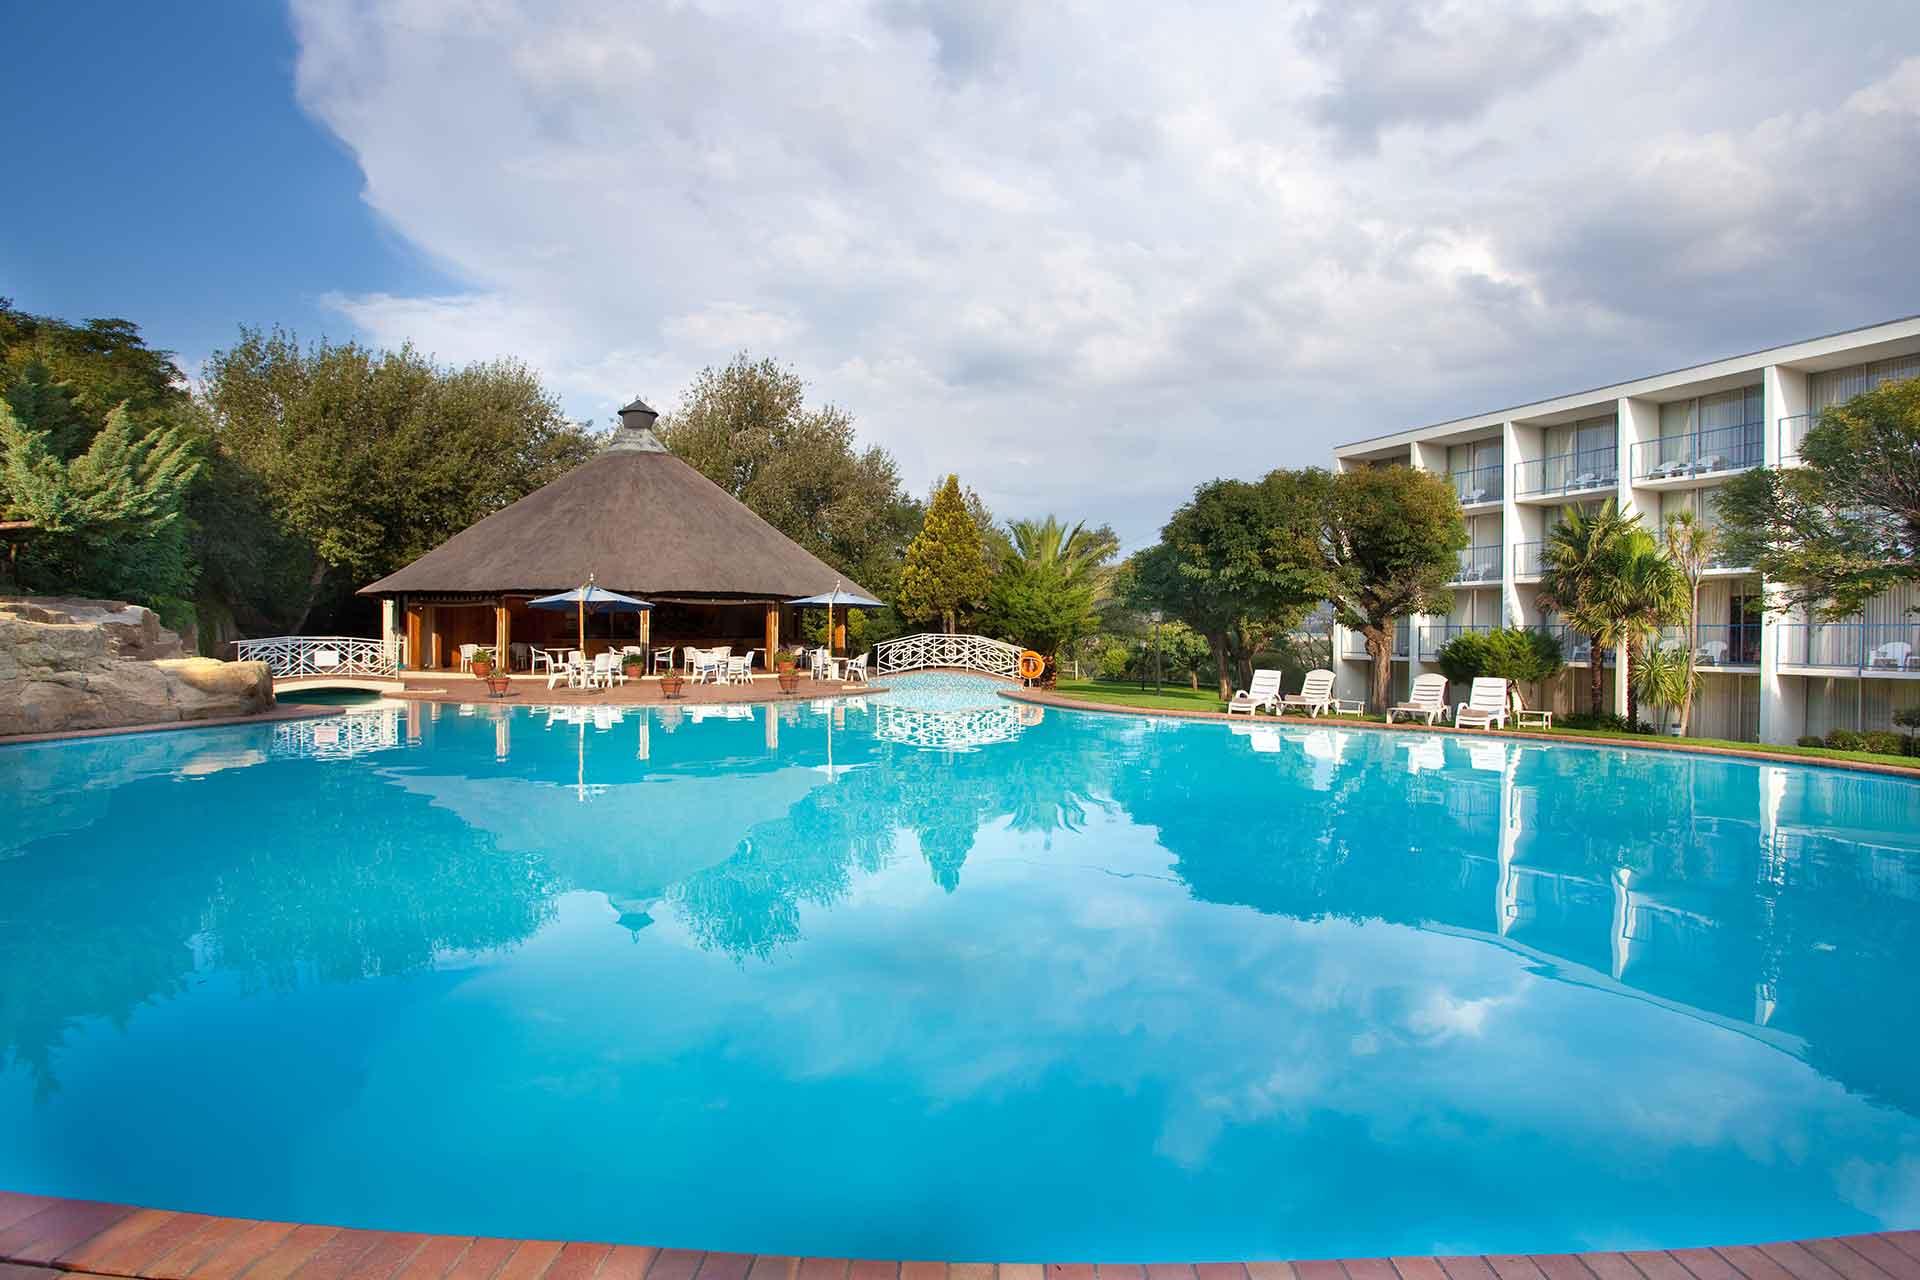 AVANI Maseru Hotel Pool and the pool deck